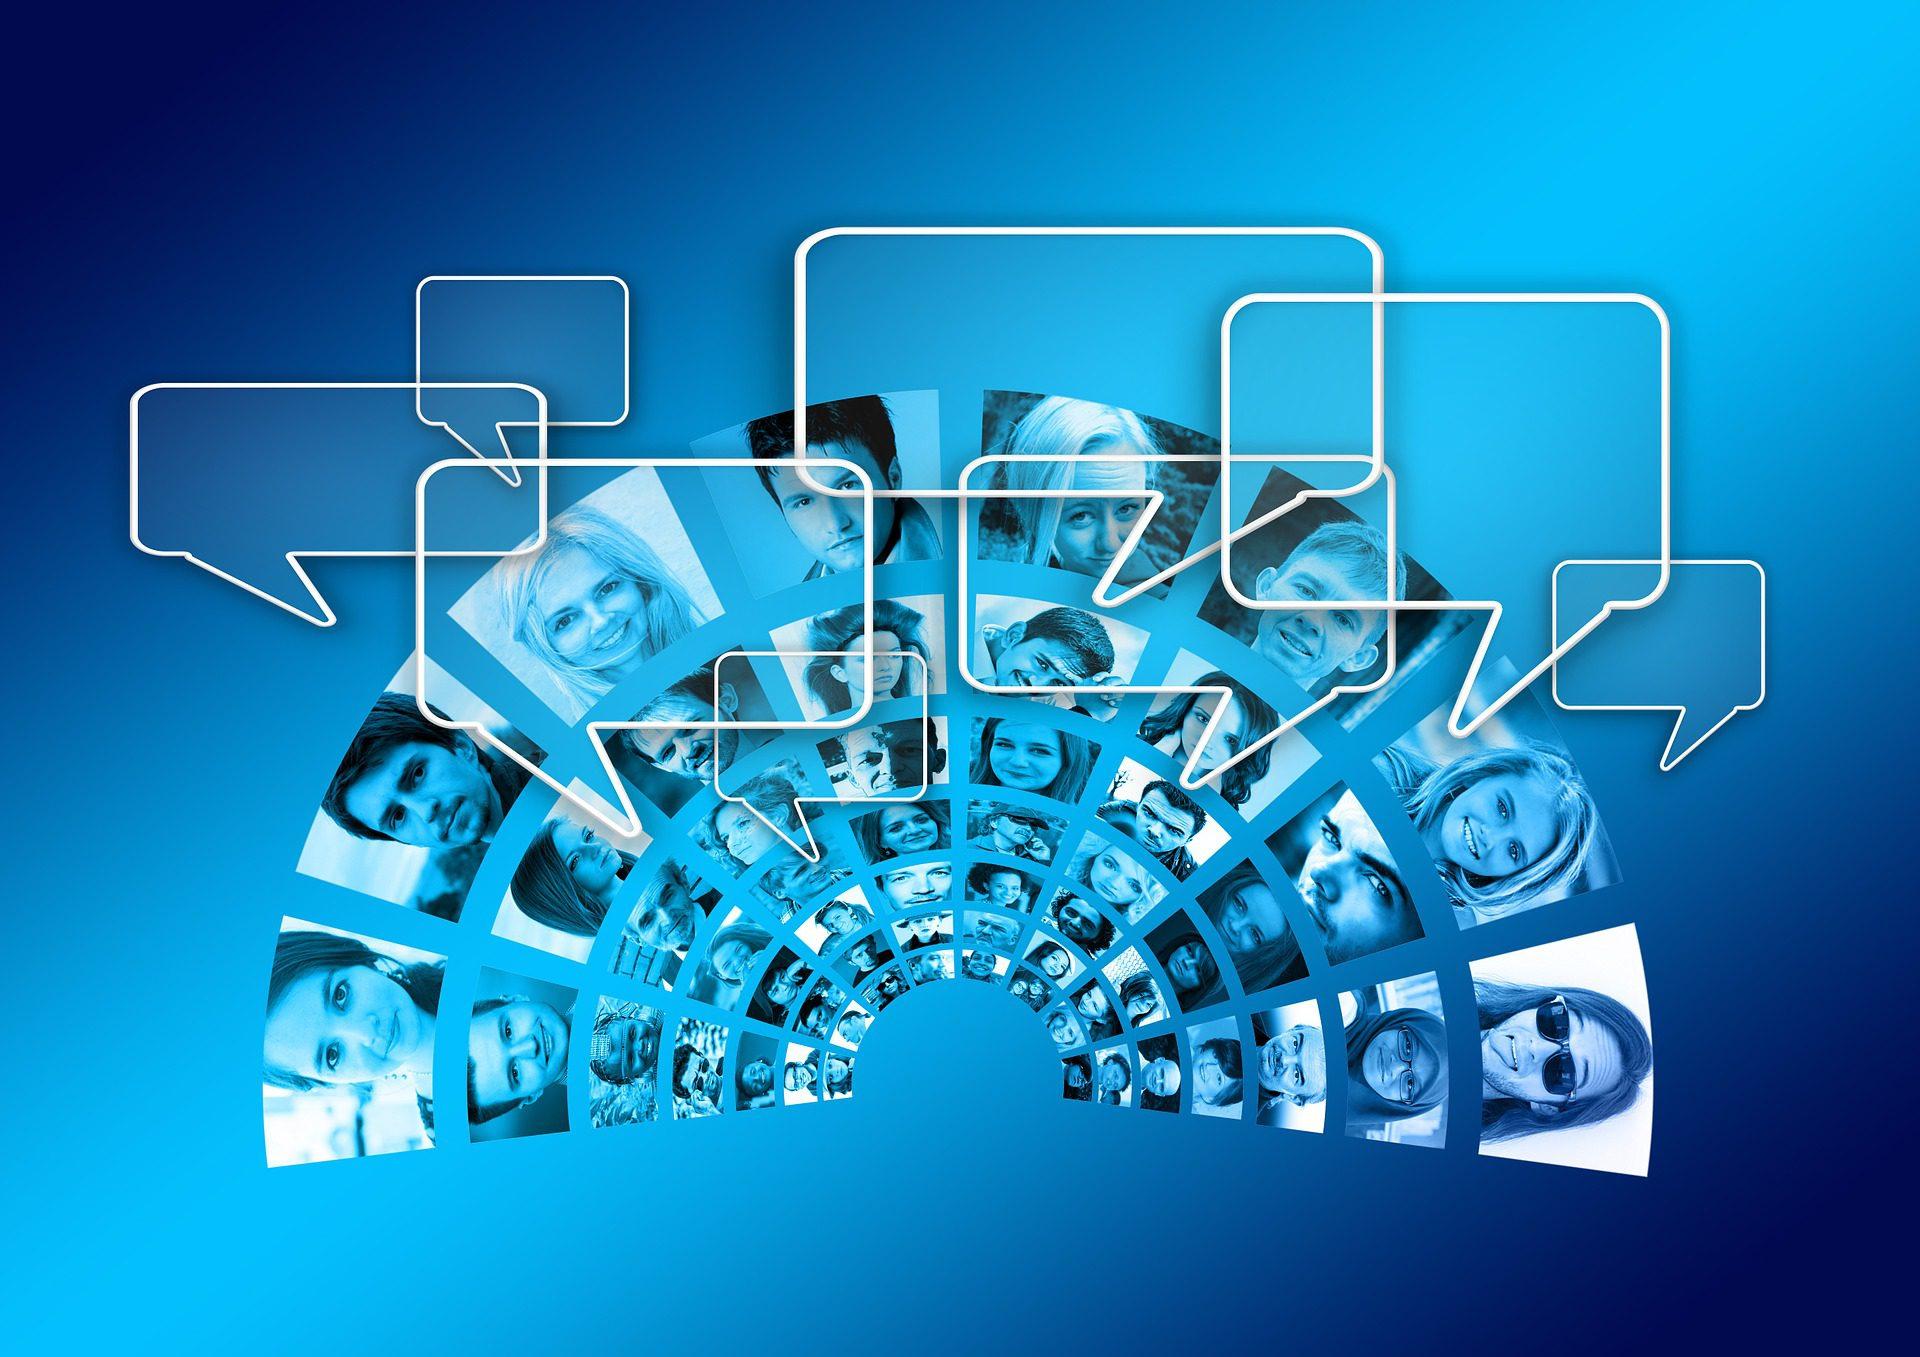 תמונת בנק המתארת תקשורת טכנולוגית